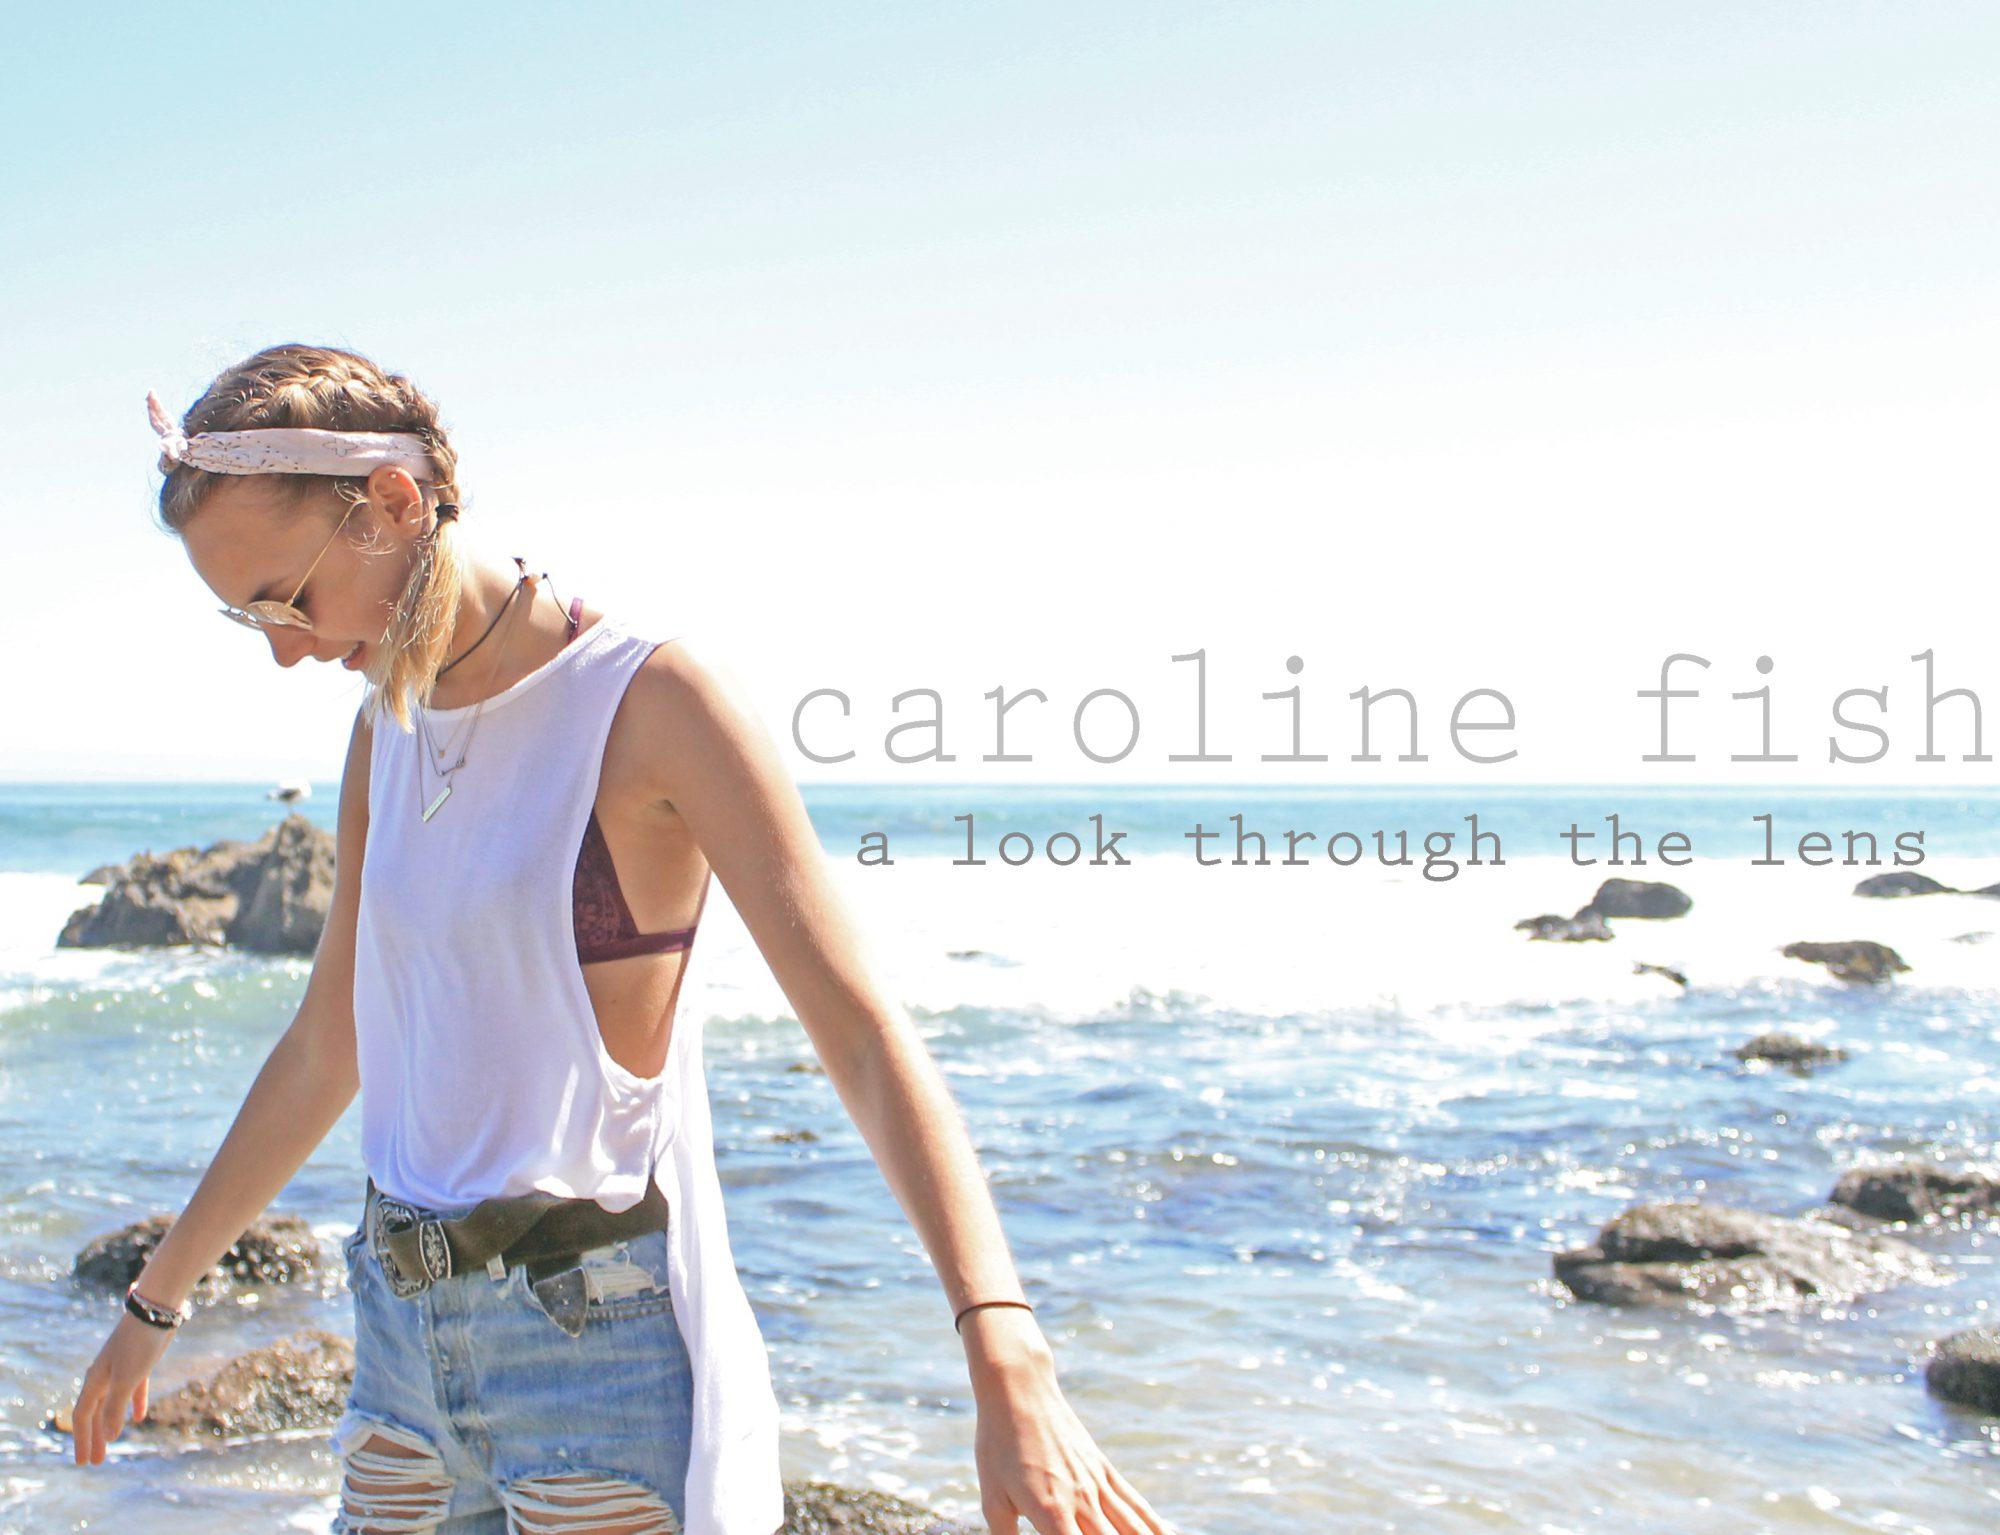 caroline fish